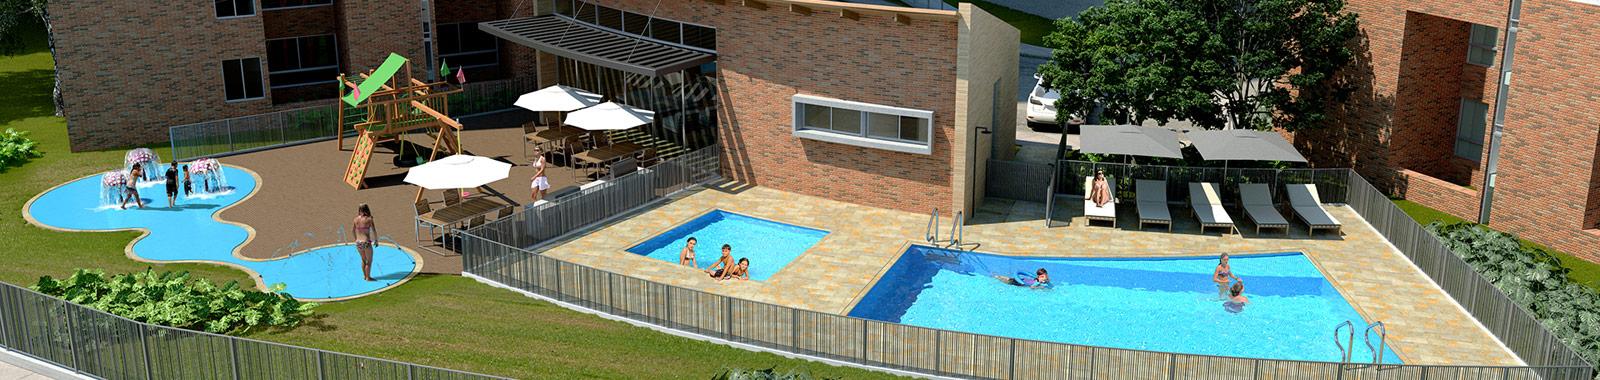 Crear Cimientos tiene apartamentos en sabaneta de Manzana Once con zonas comunes.